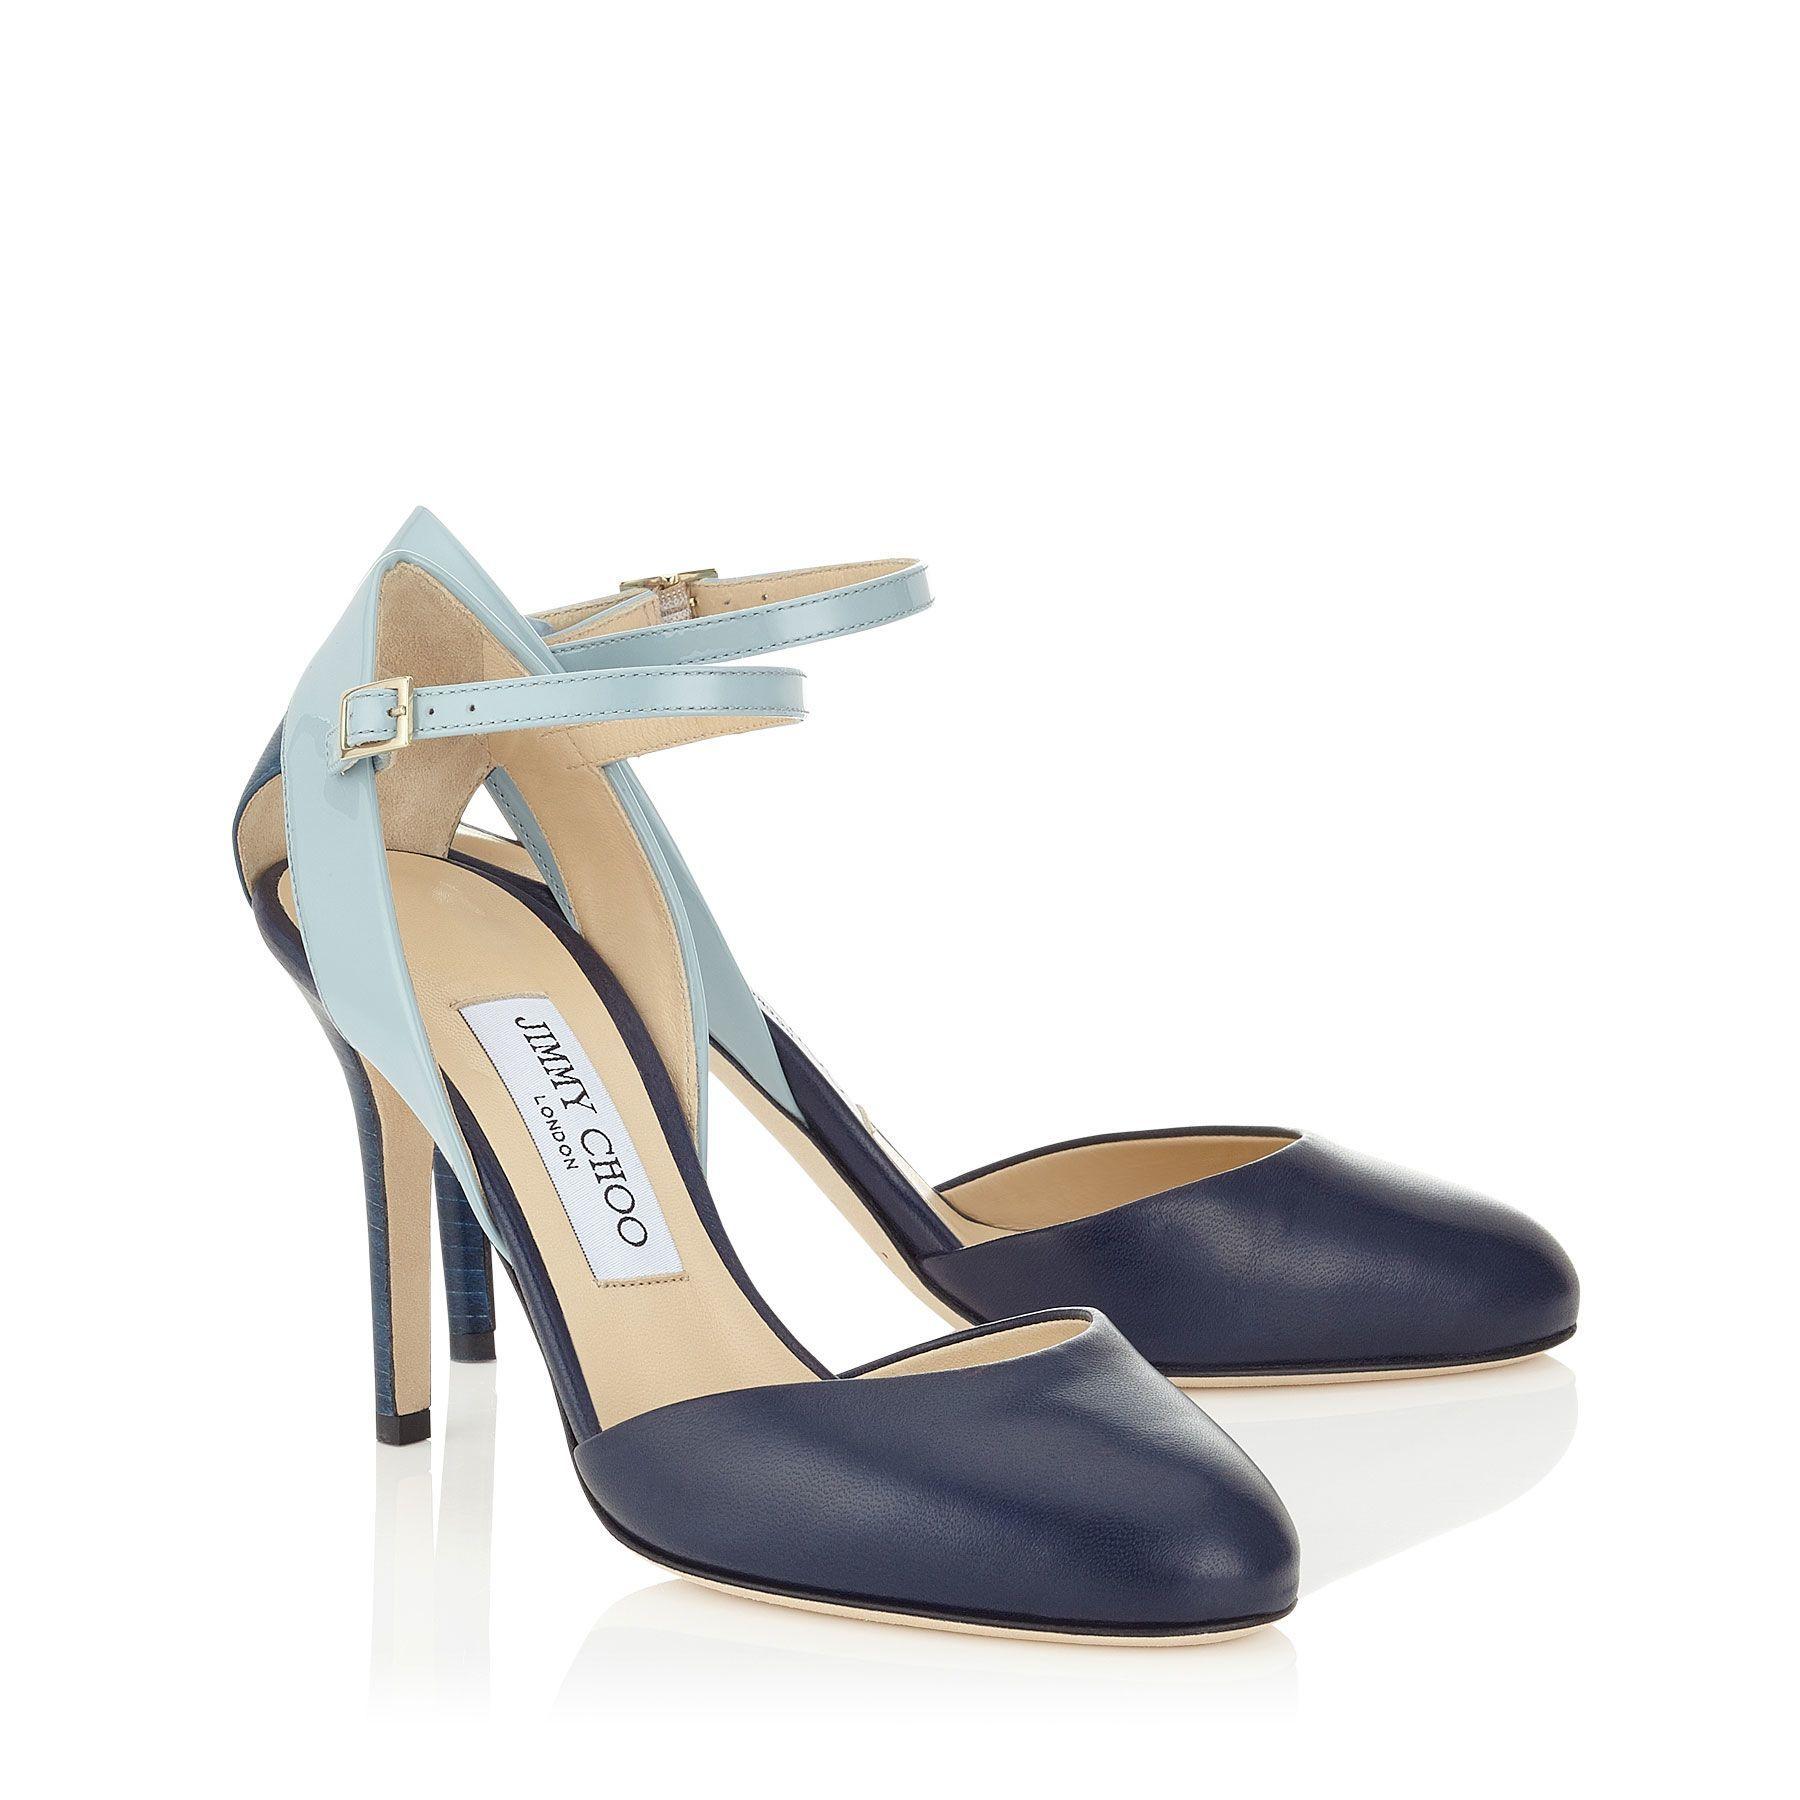 Escarpins en cuir nappa bleu marine, cuir verni bleu et cuir de chevreau bleu océan|Lisco 90| Pré-Collection Automne-Hiver 2015 | JIMMY CHOO Chaussures